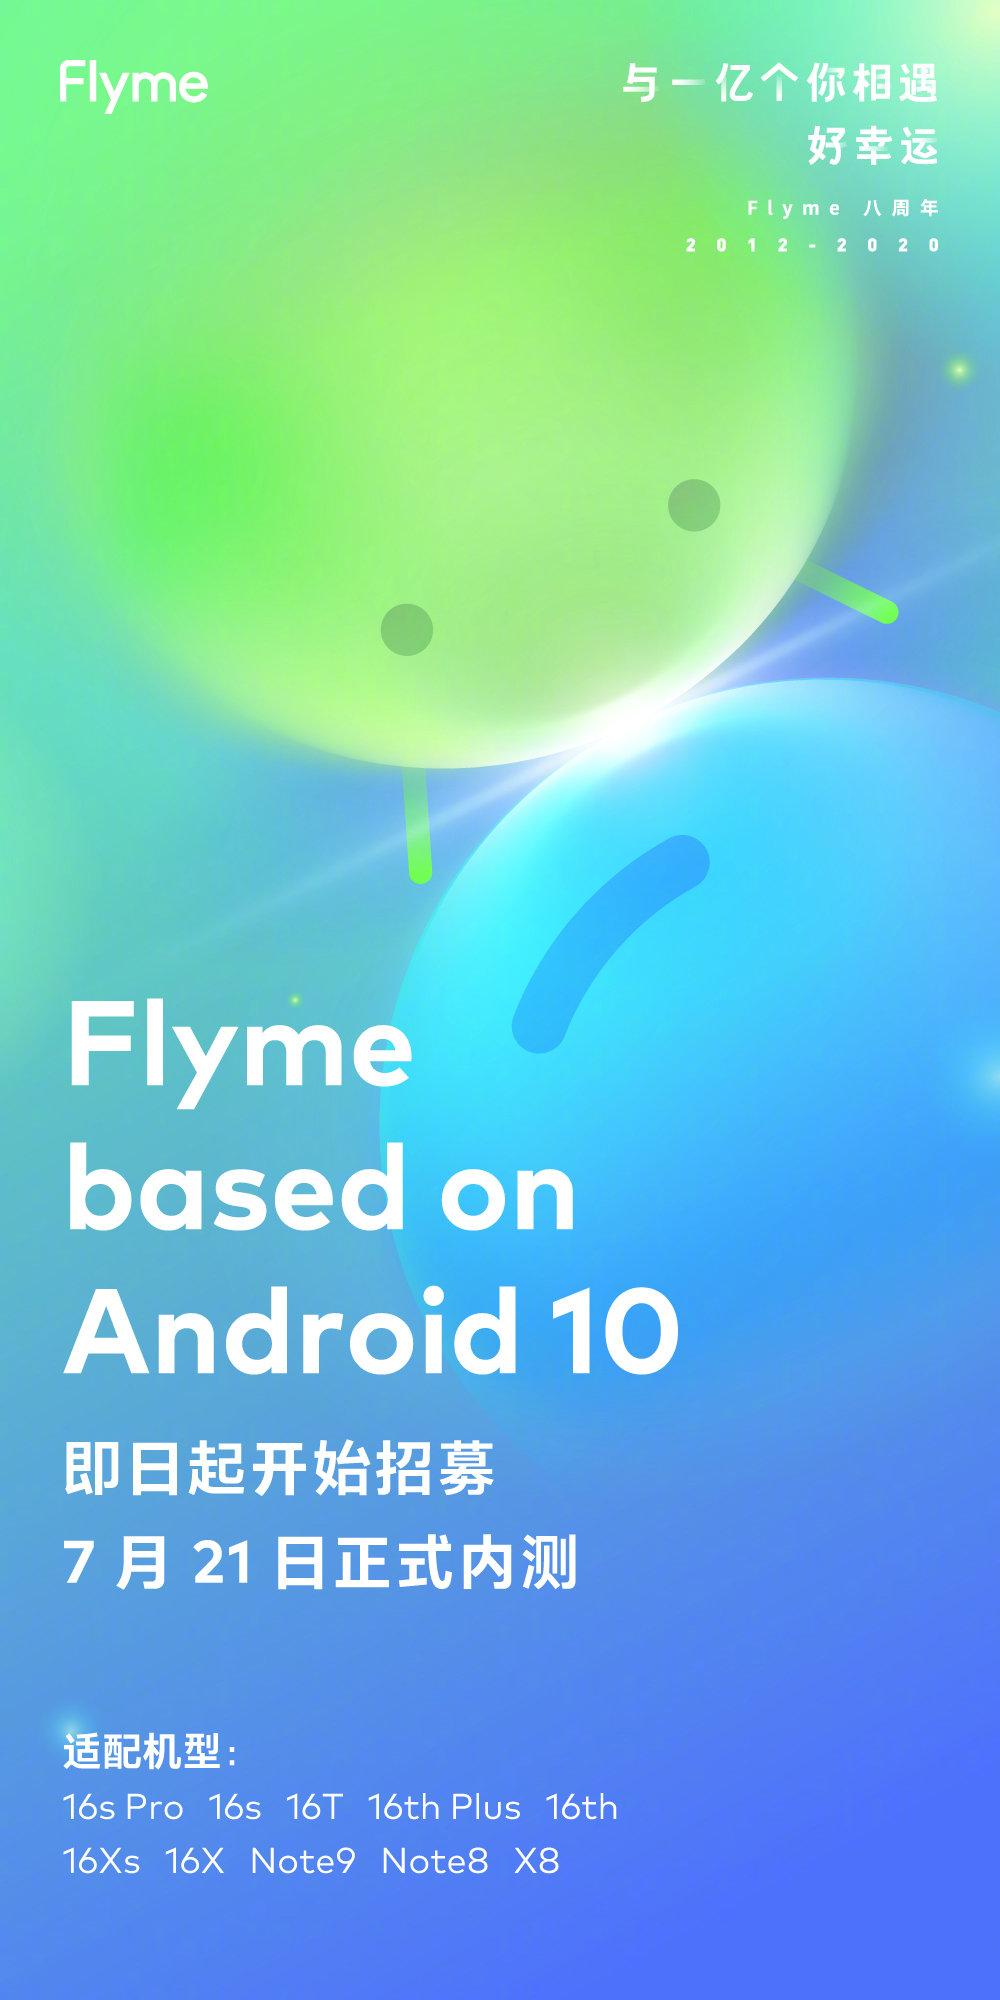 魅族Flyme内测招募:12款机型可升Android 10